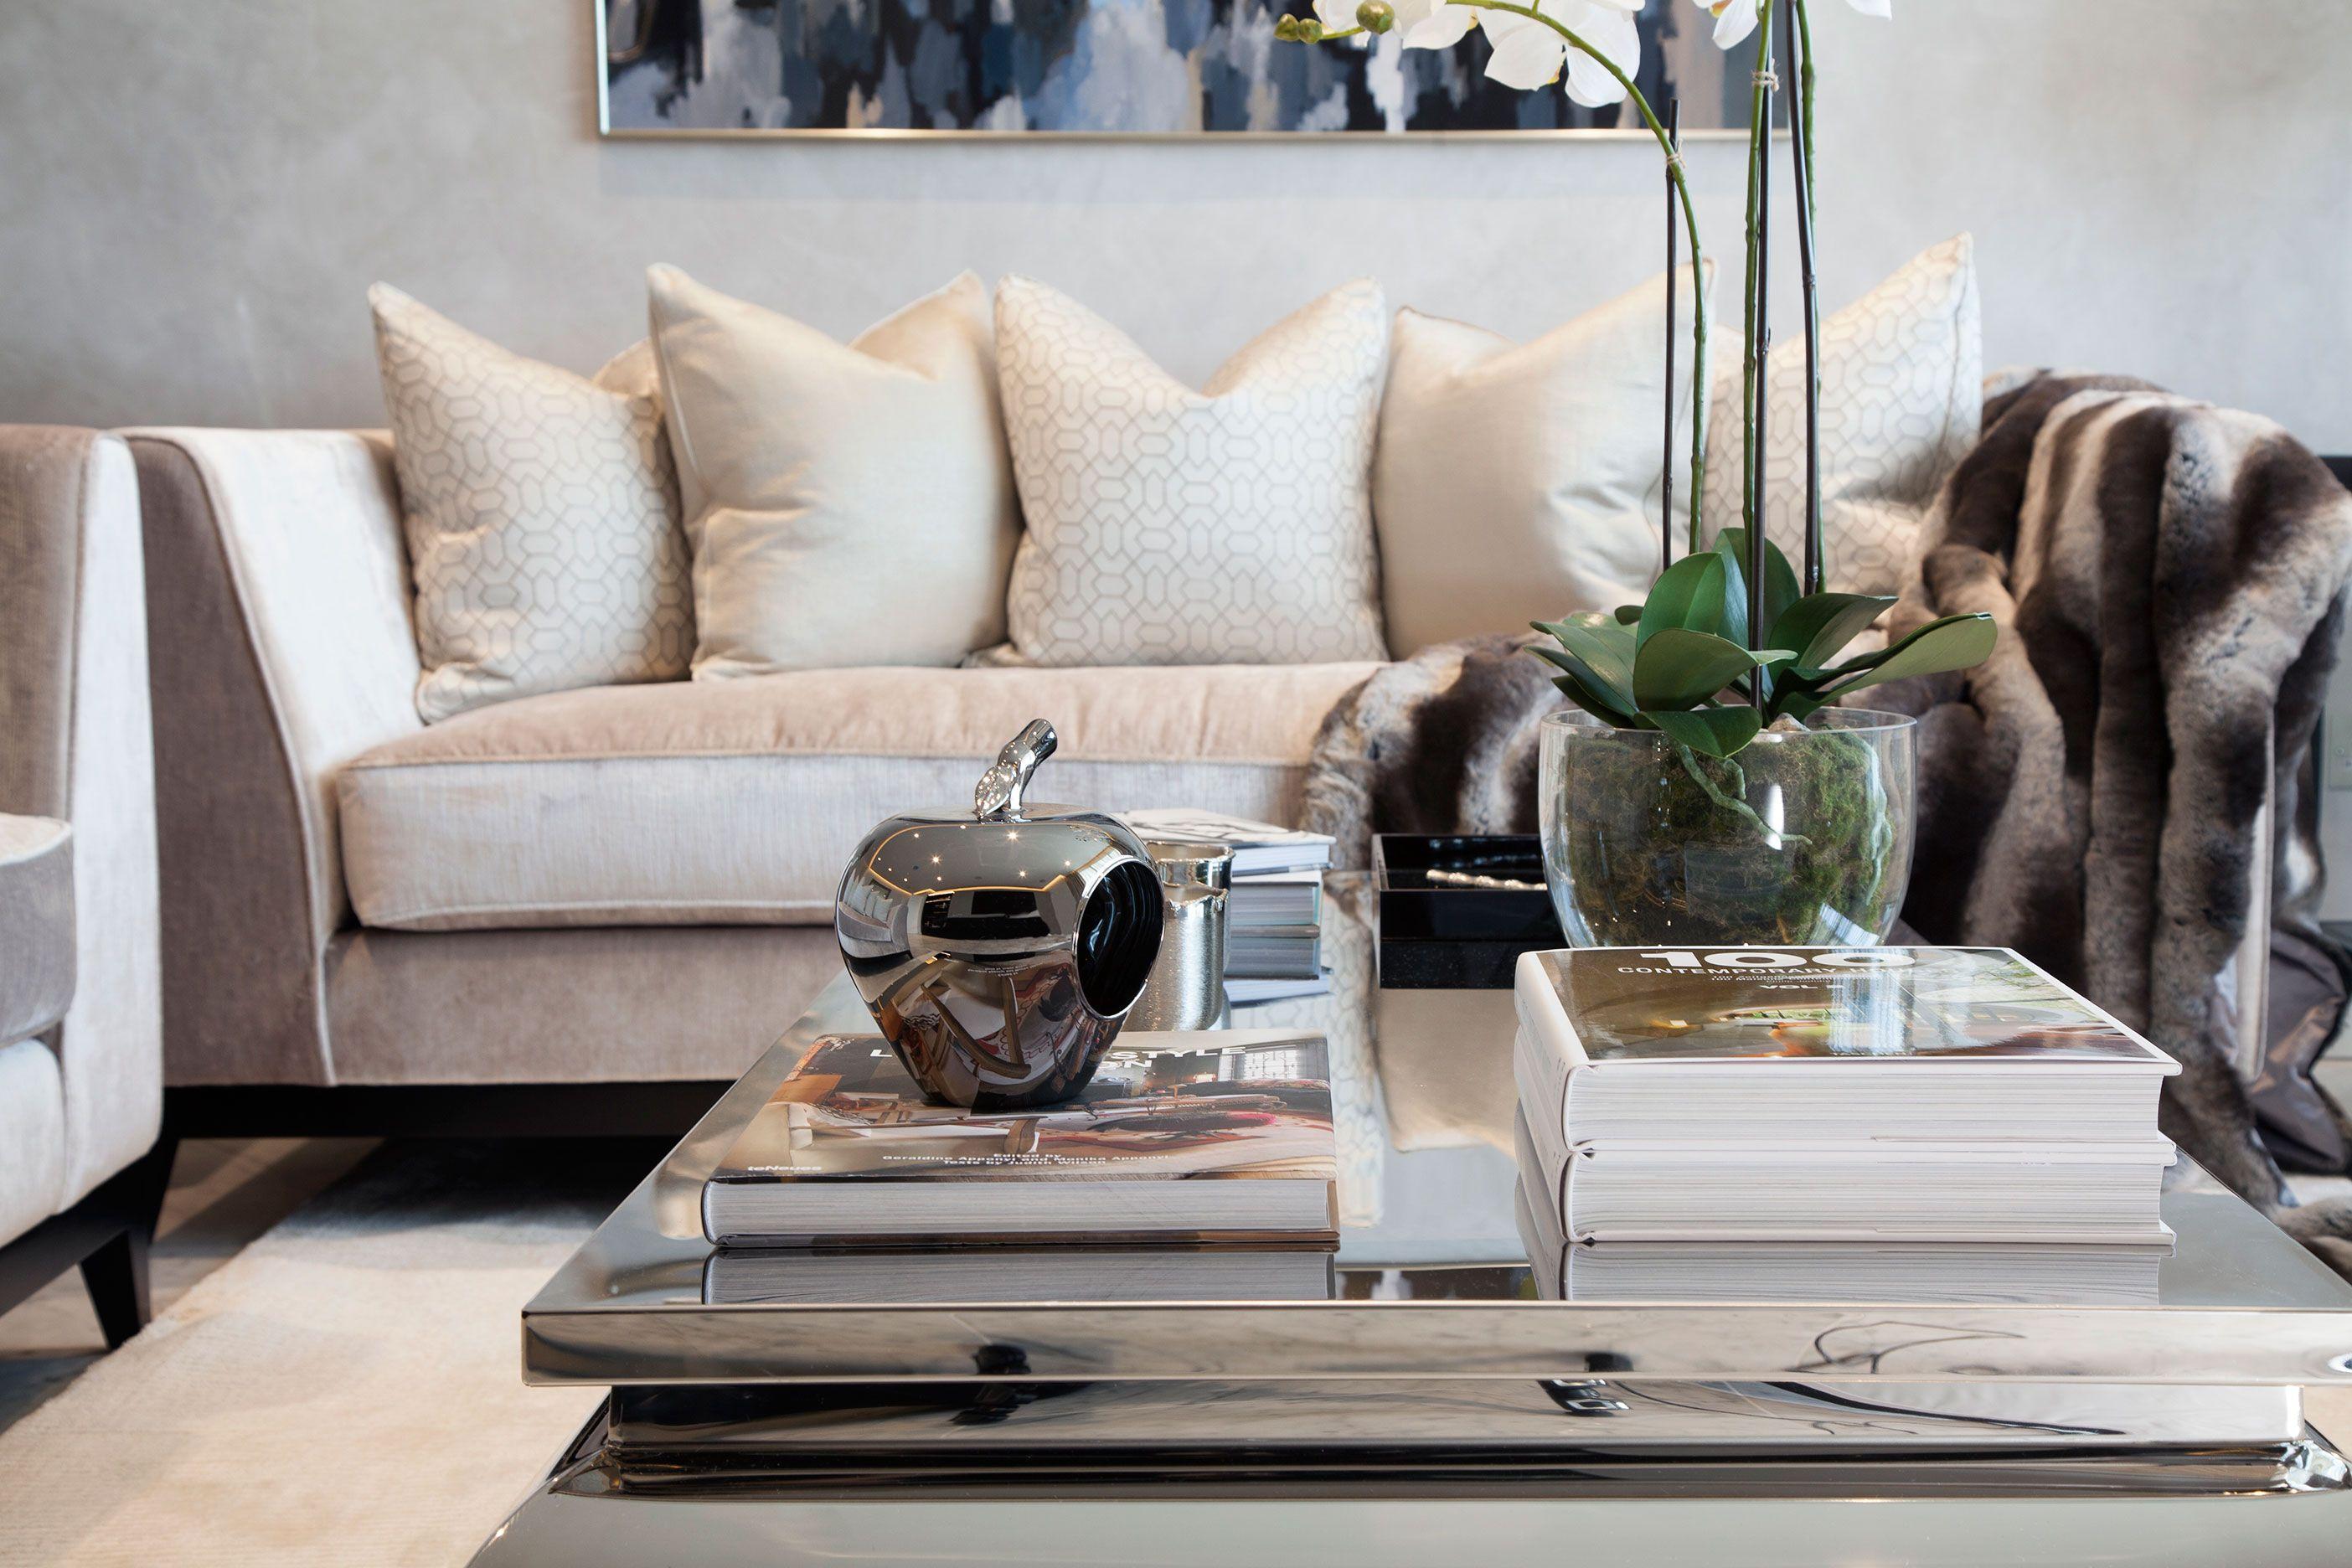 Home interior design accessories coffee table styling ideas  interior design  accessories  home